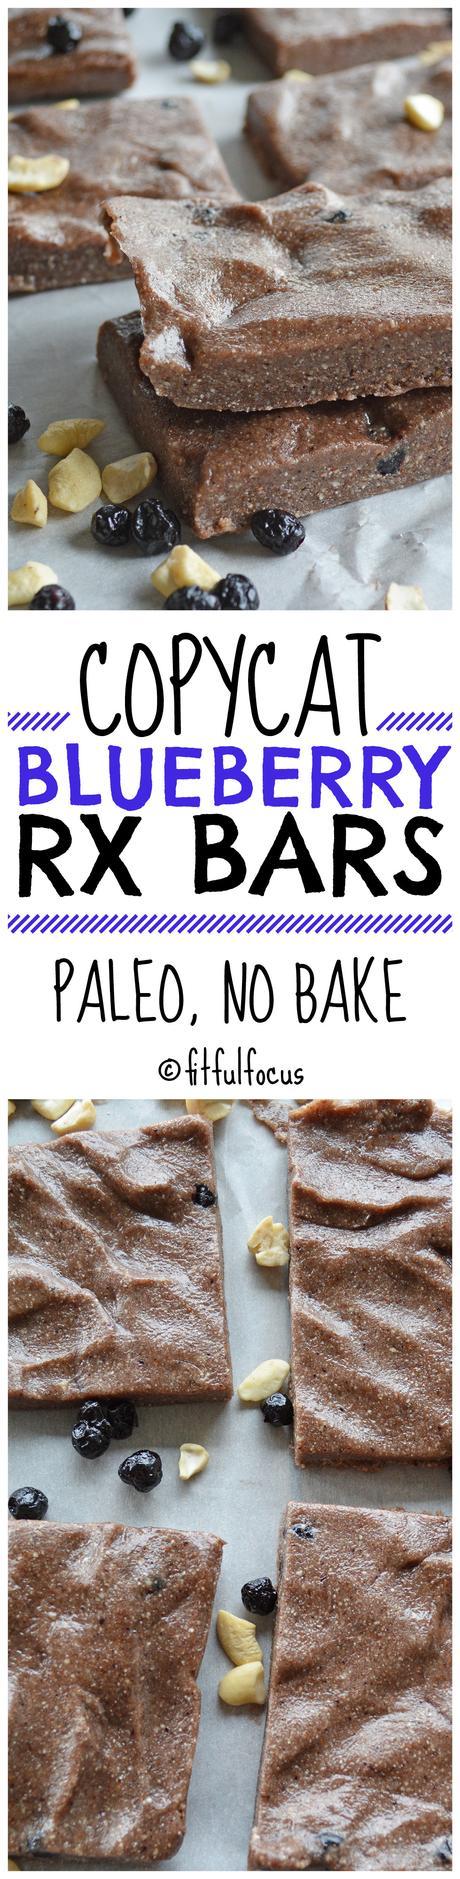 Copycat Blueberry RX Bars (paleo, no bake)